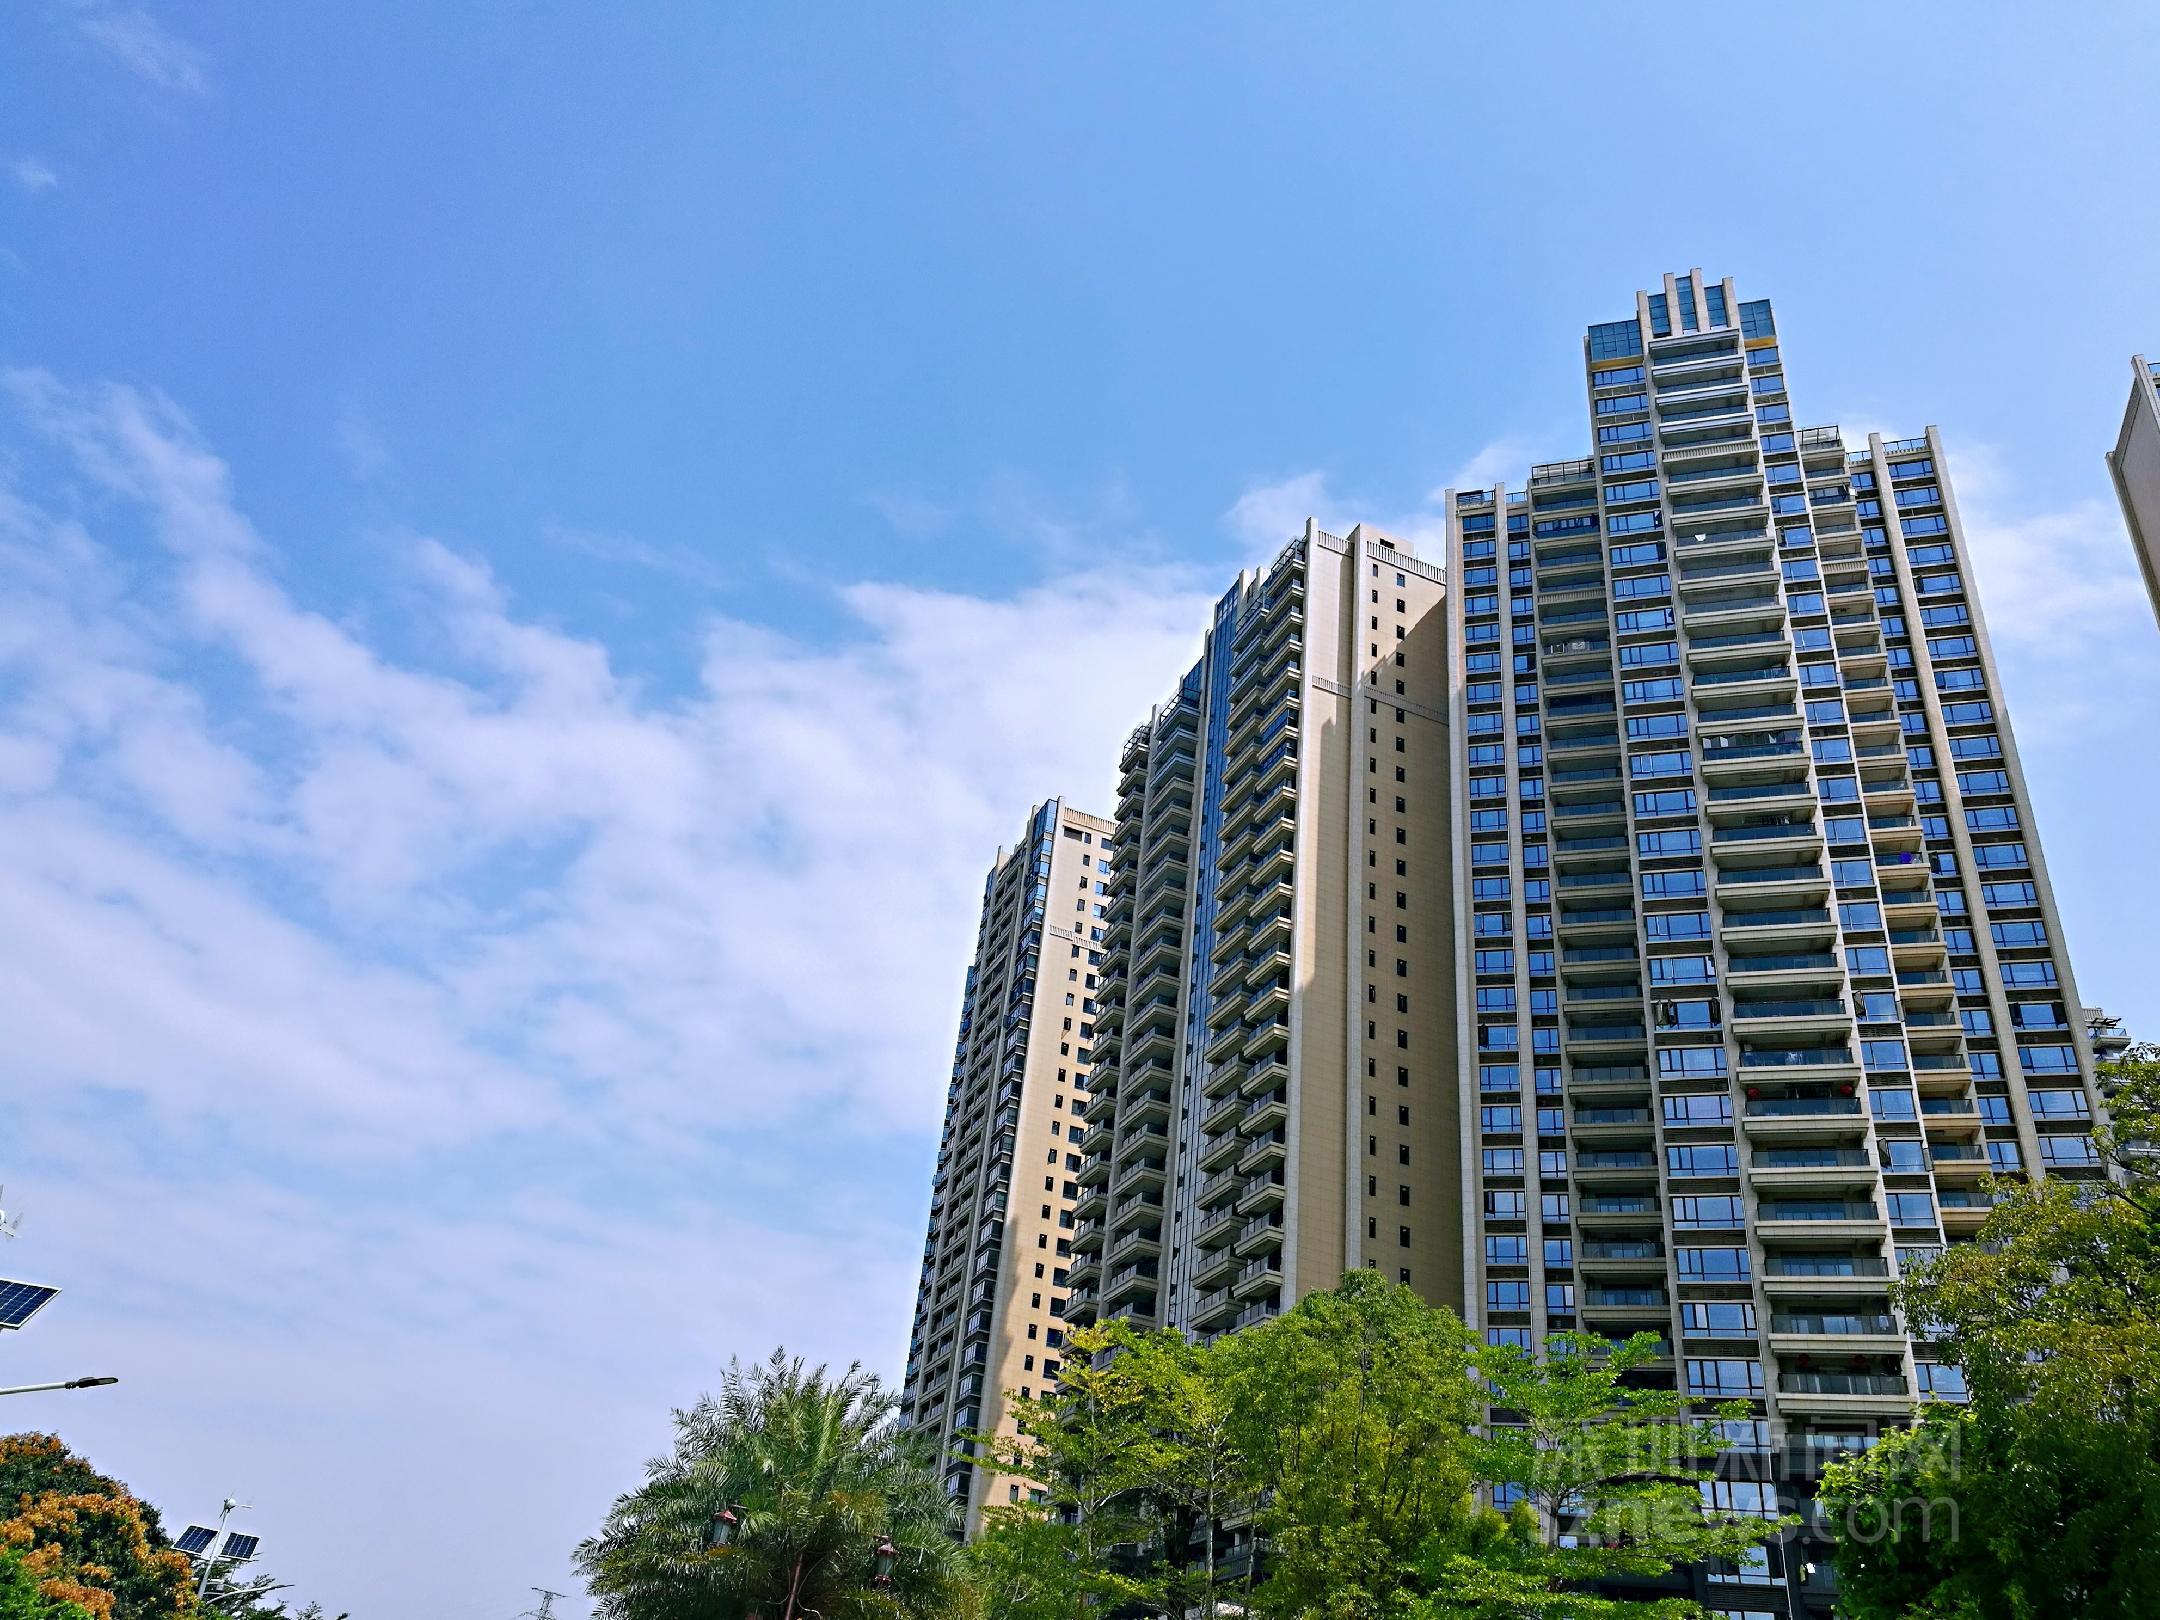 深圳又一处建筑工人培训基地挂牌